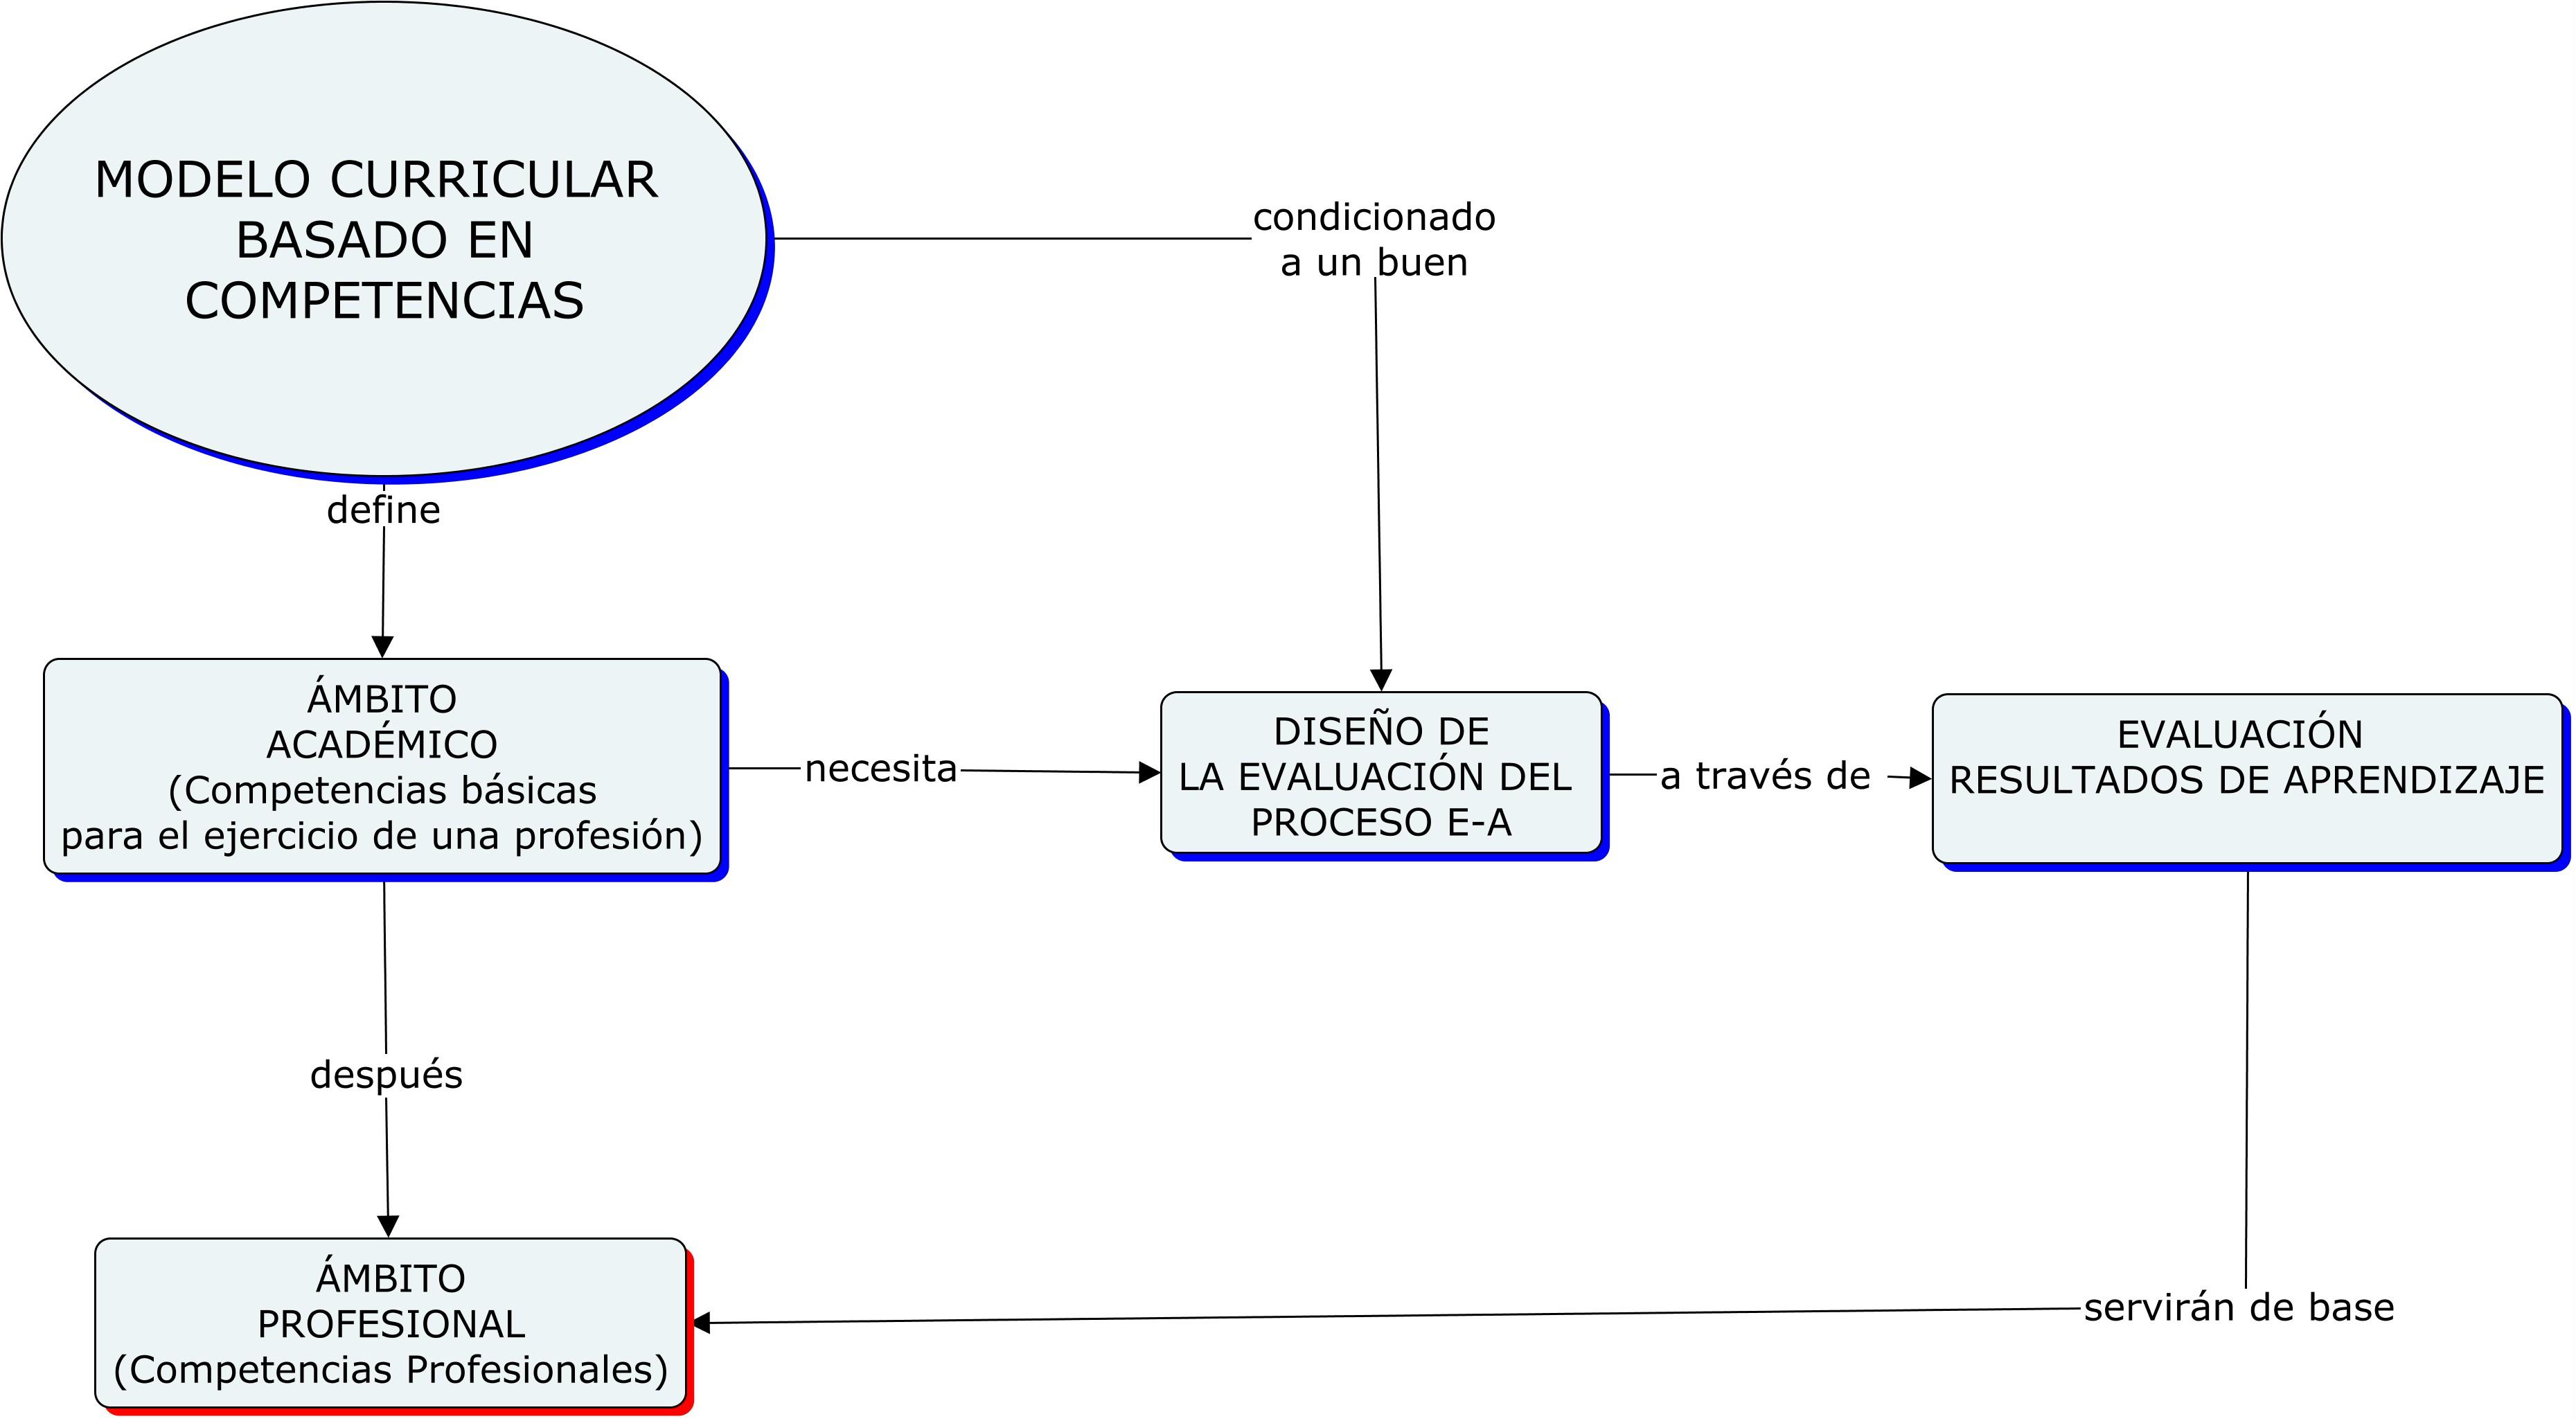 Mapa del modelo curricular basado en competencias. Fuente: elaboración propia.